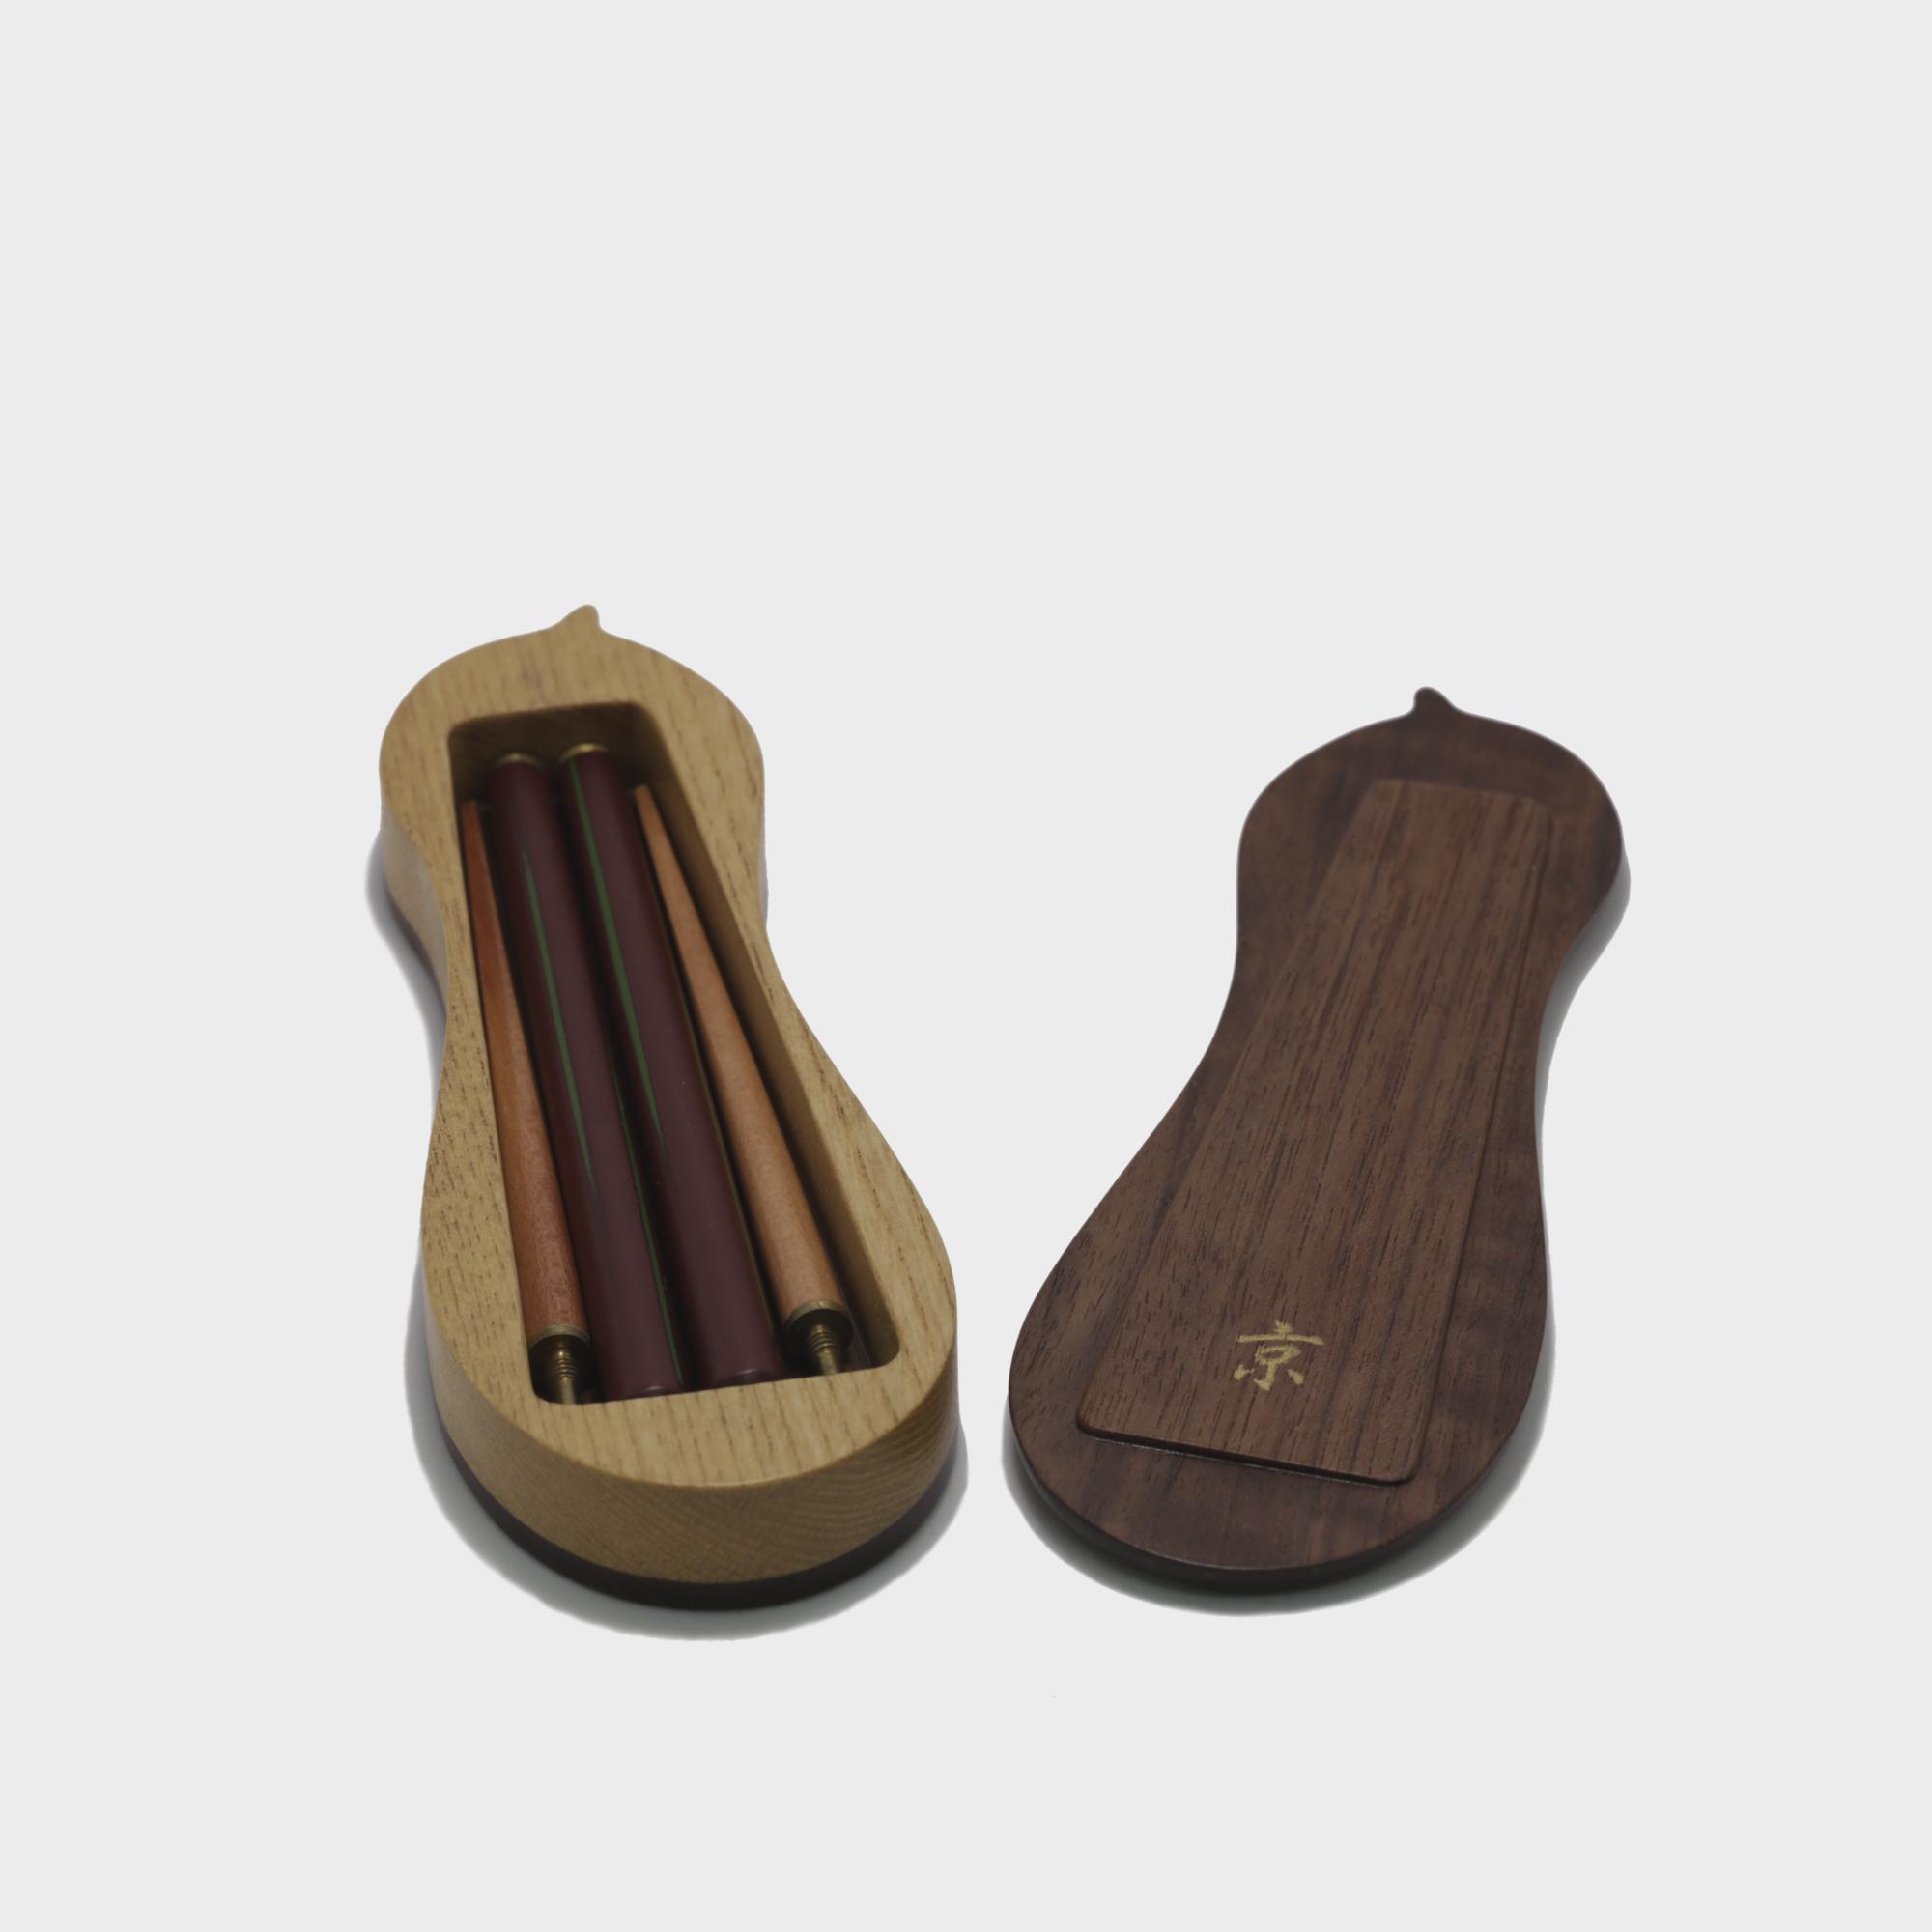 アメイジングお箸箱(ひさご)